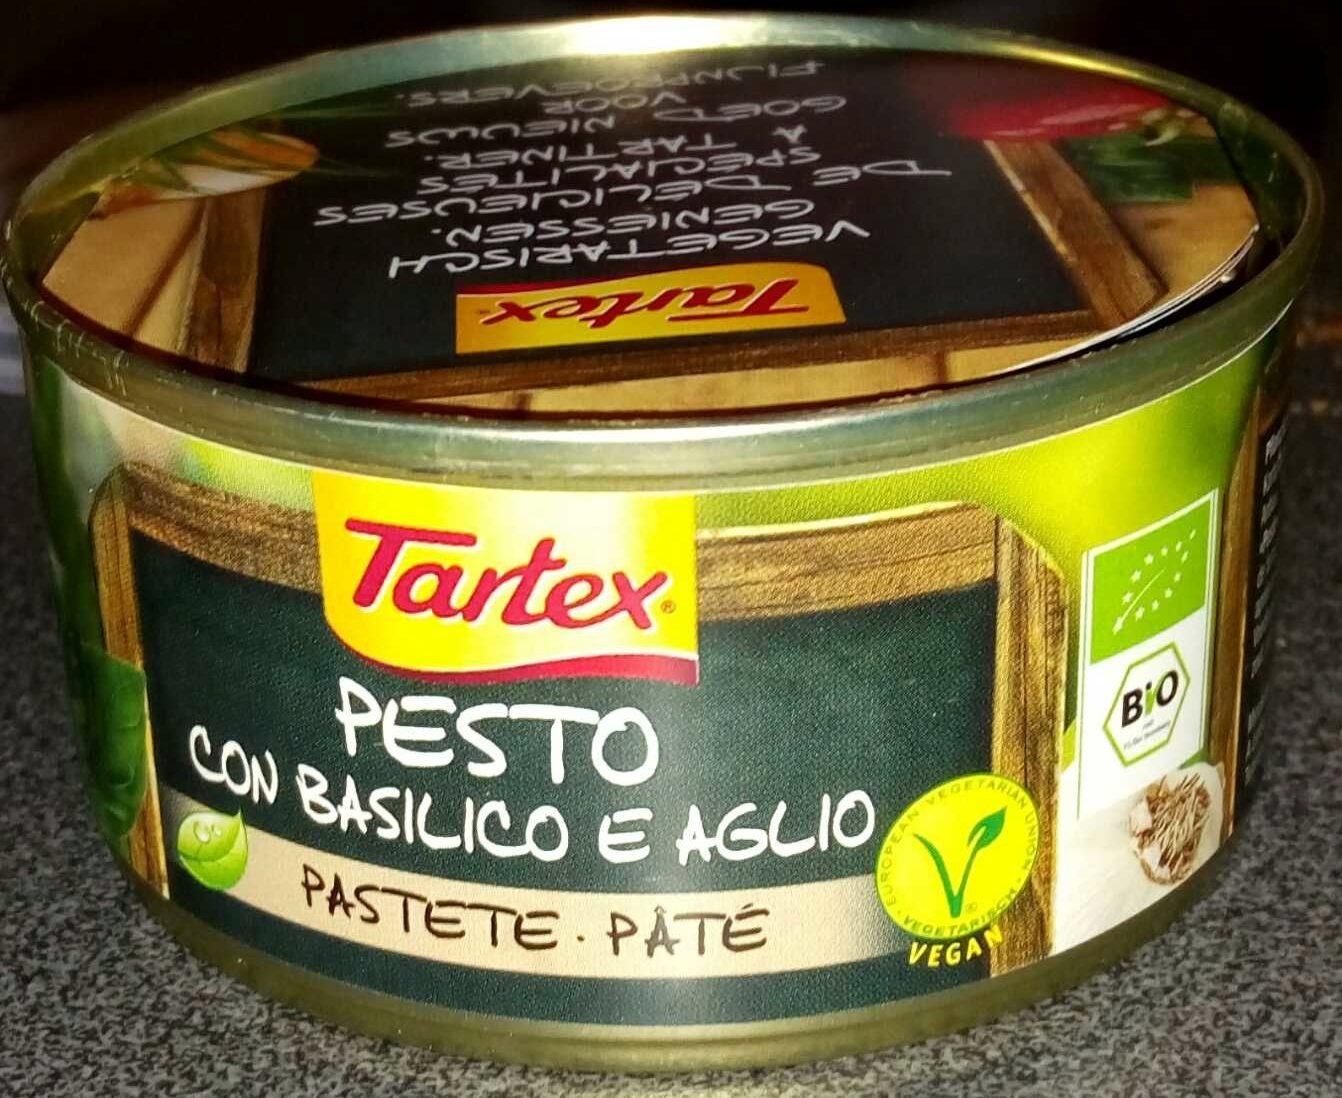 Pesto con basilico e aglio - Produit